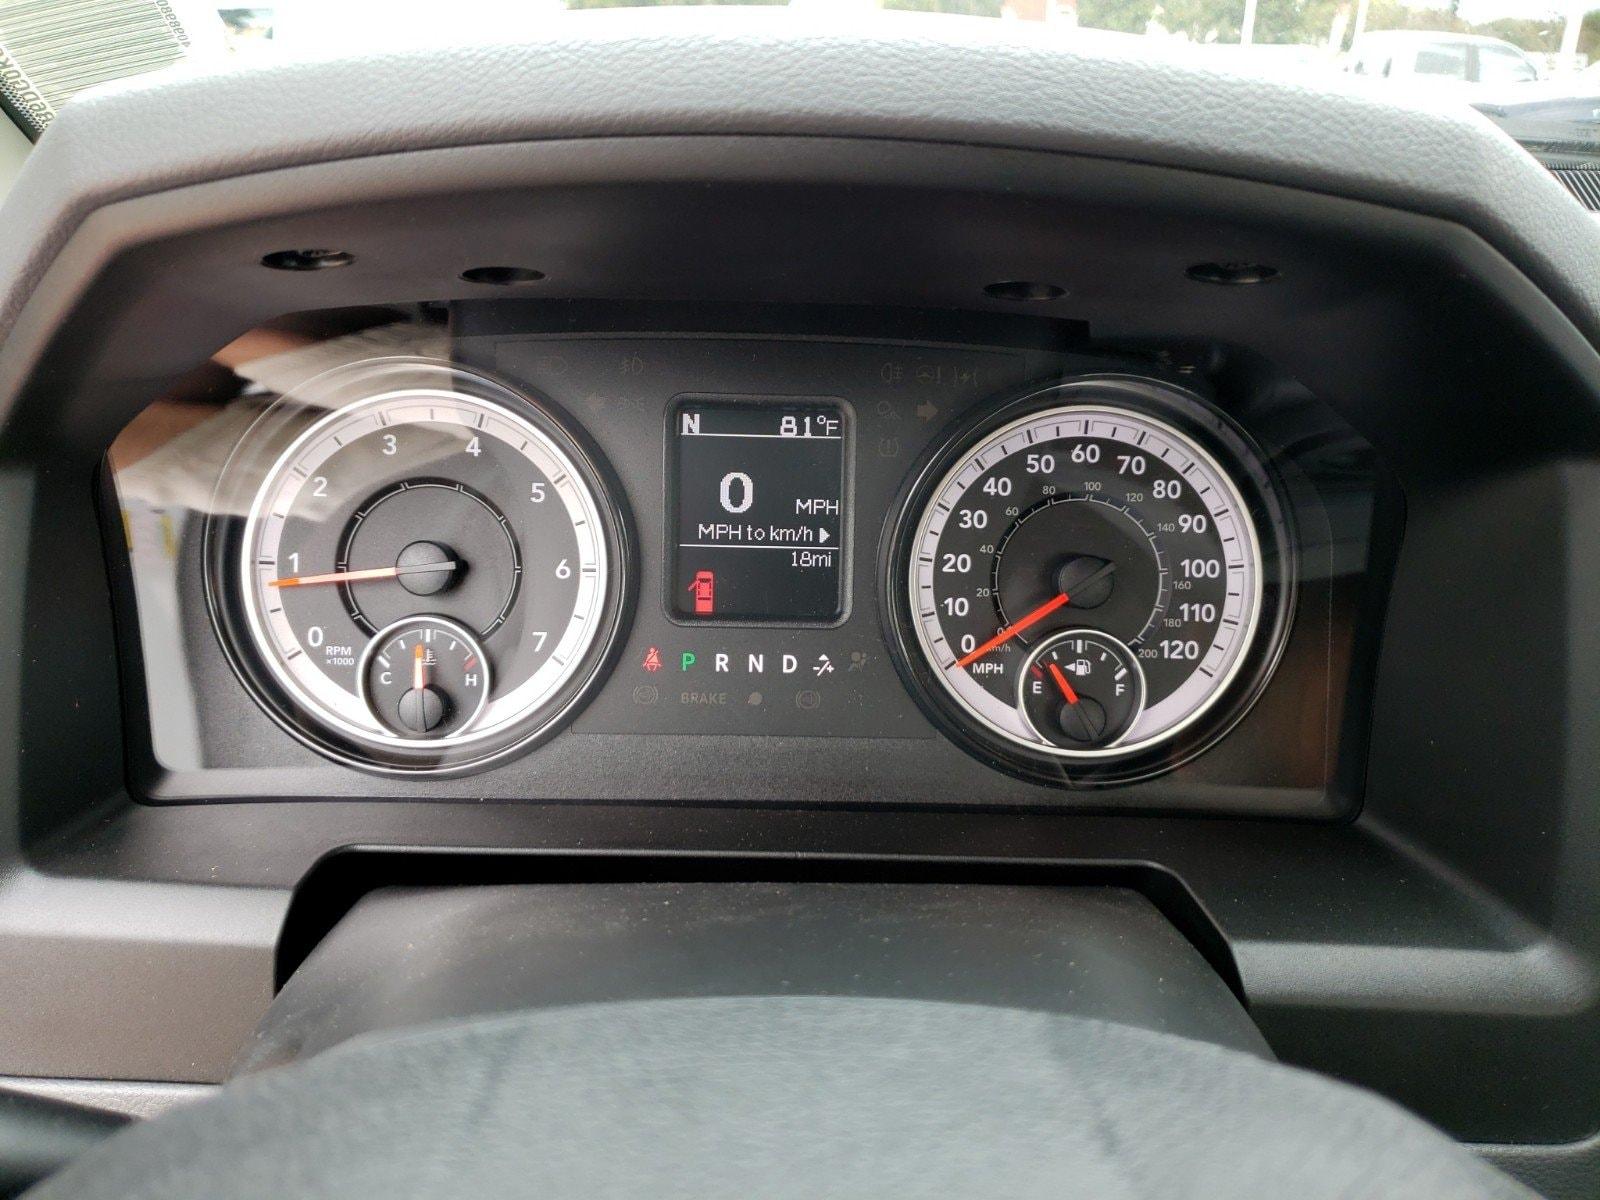 2019 Ram 1500 Classic TRADESMAN REGULAR CAB 4X2 8' BOX